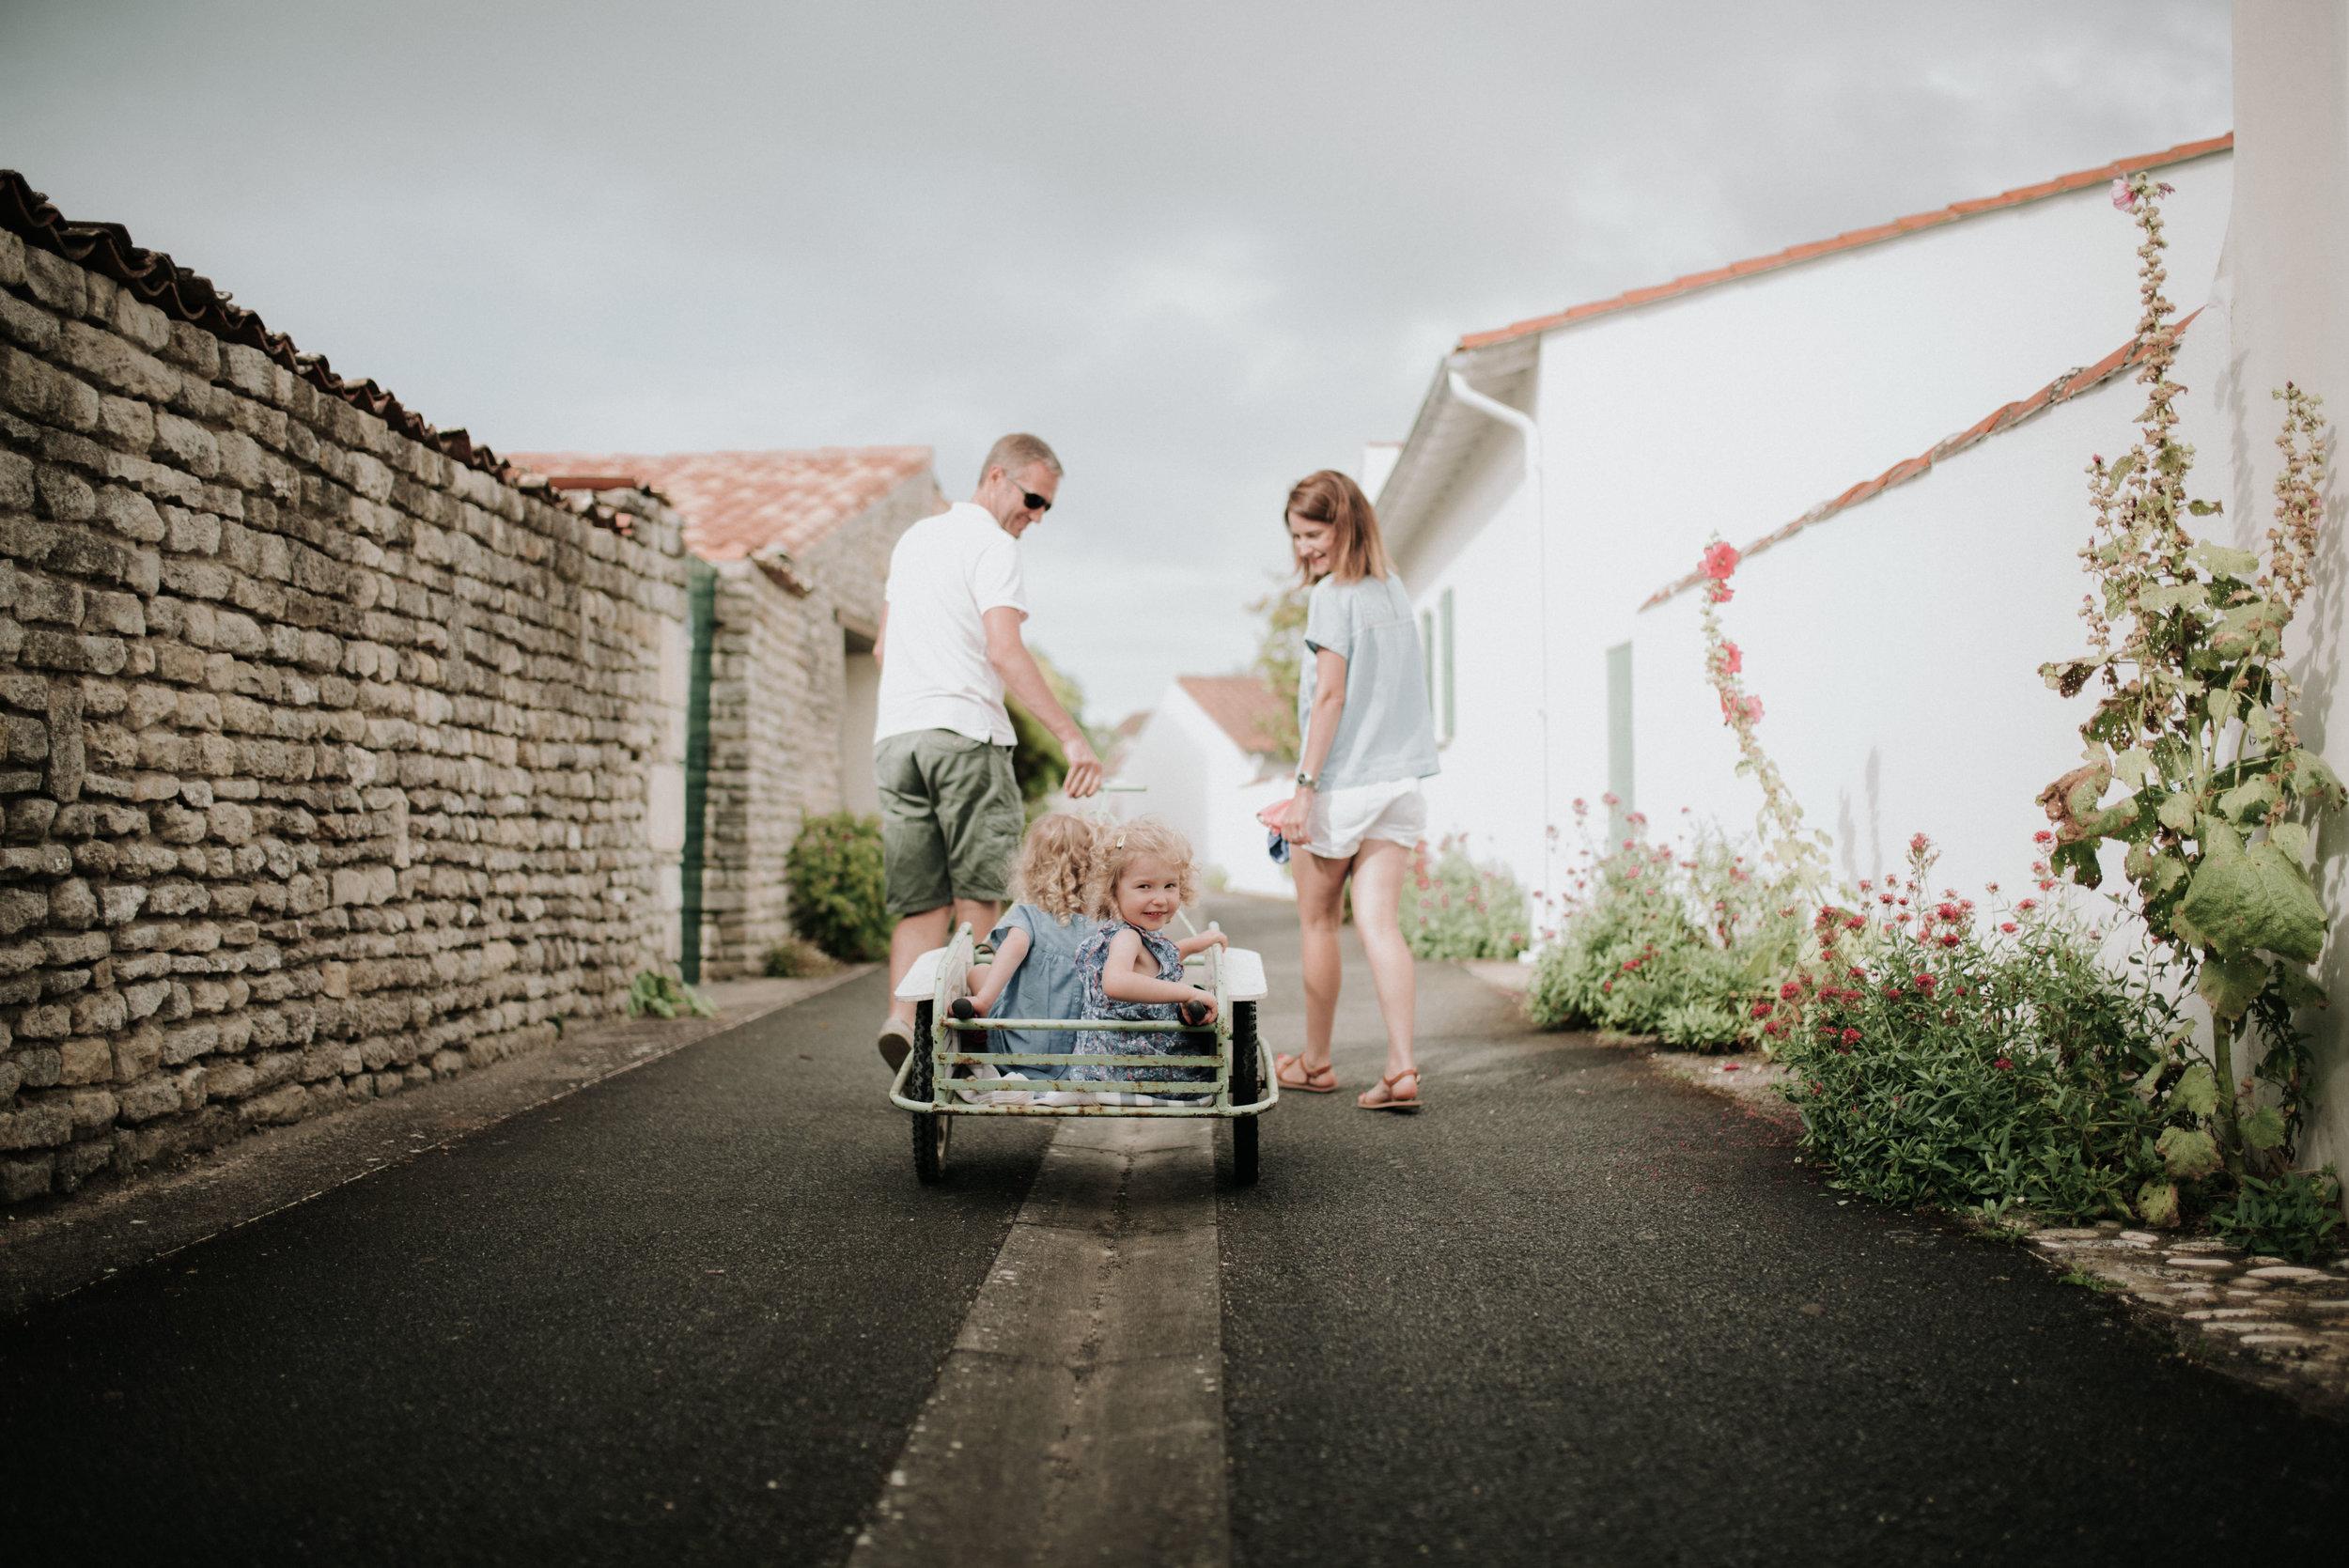 Léa-Fery-photographe-professionnel-lyon-rhone-alpes-portrait-creation-mariage-evenement-evenementiel-famille-2461.jpg